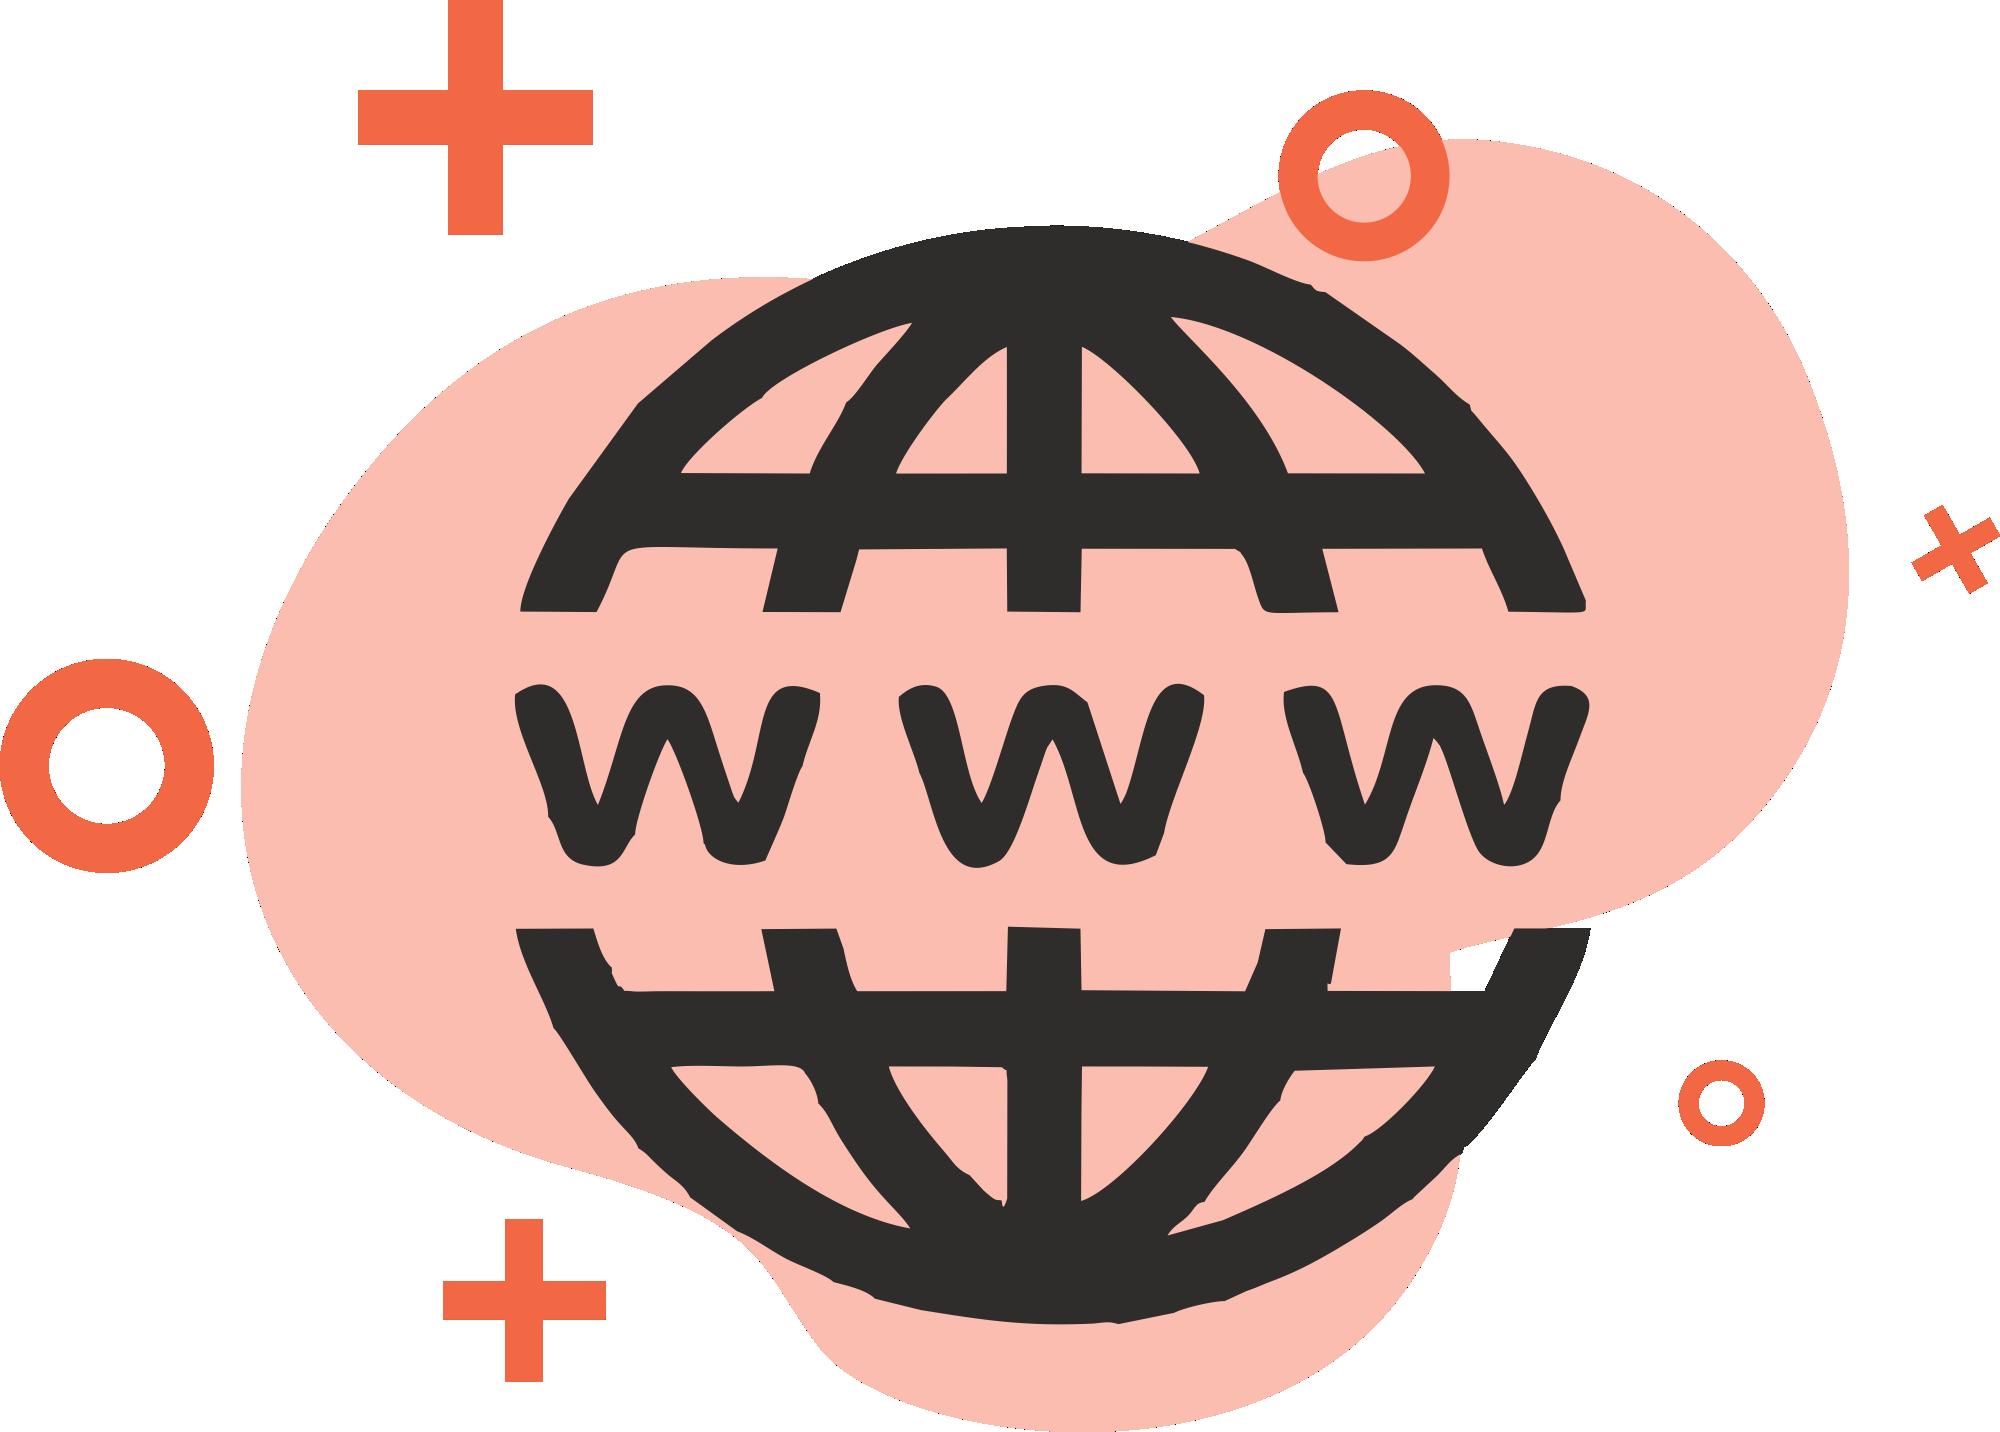 web sayt acmaq isteyirem web saytlarin hazirlanmasi